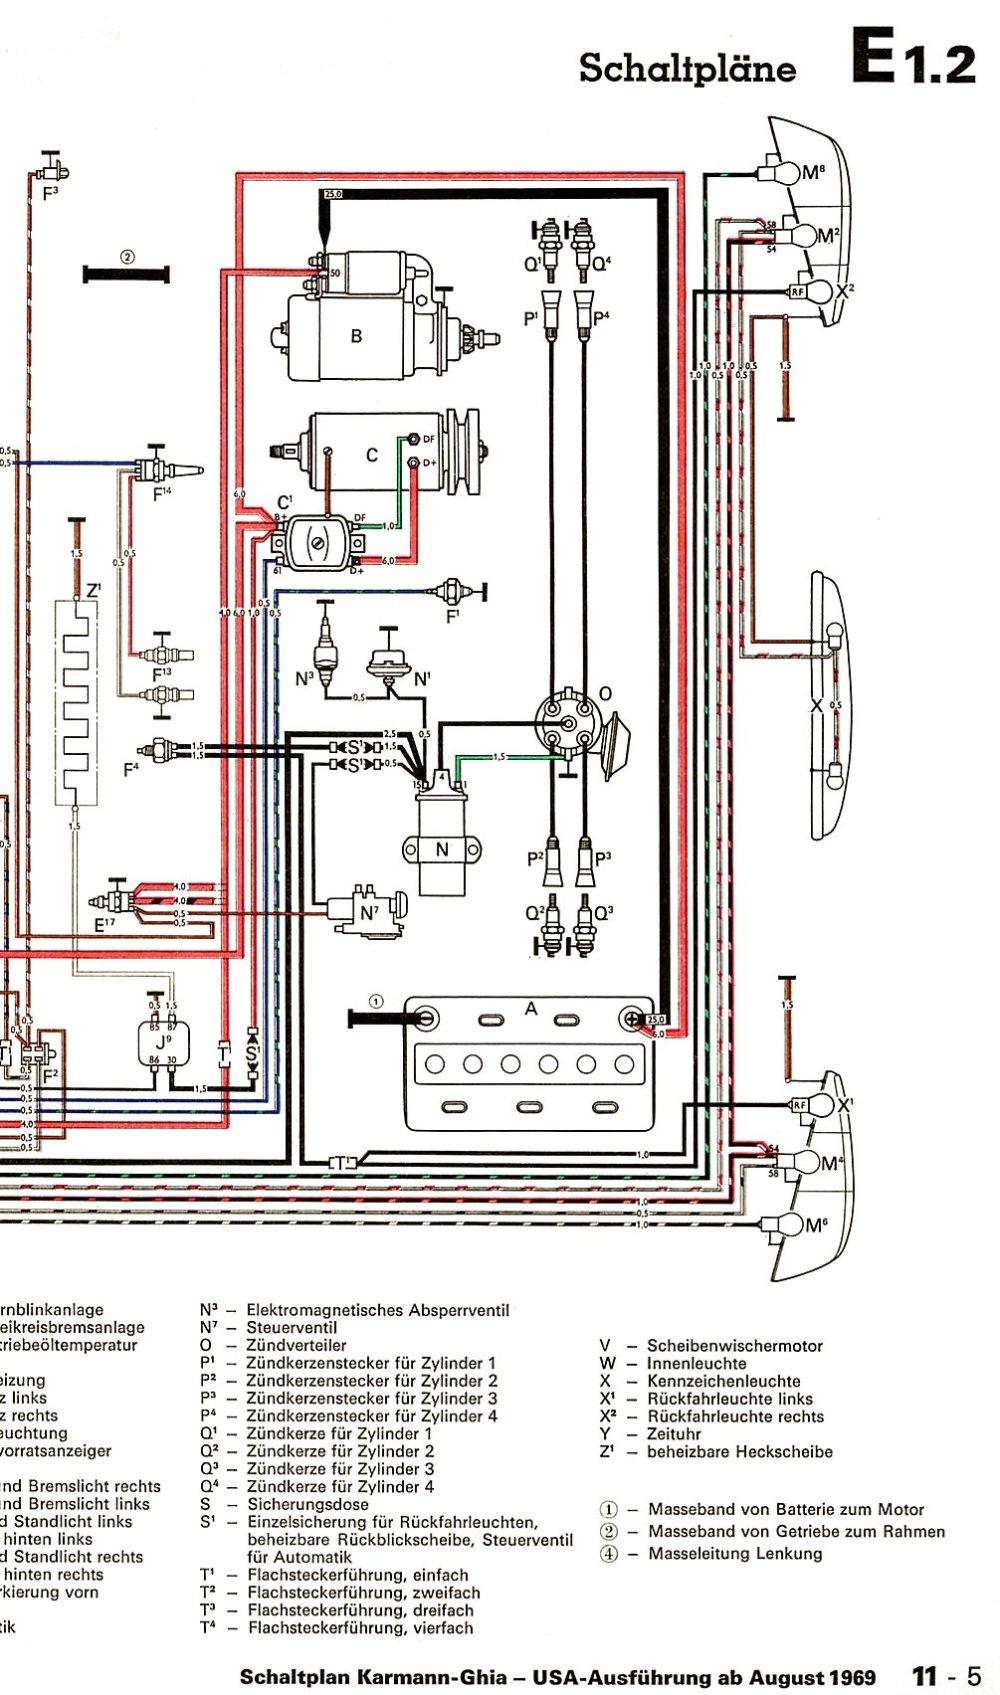 medium resolution of 1974 vw karmann ghia wiring diagram